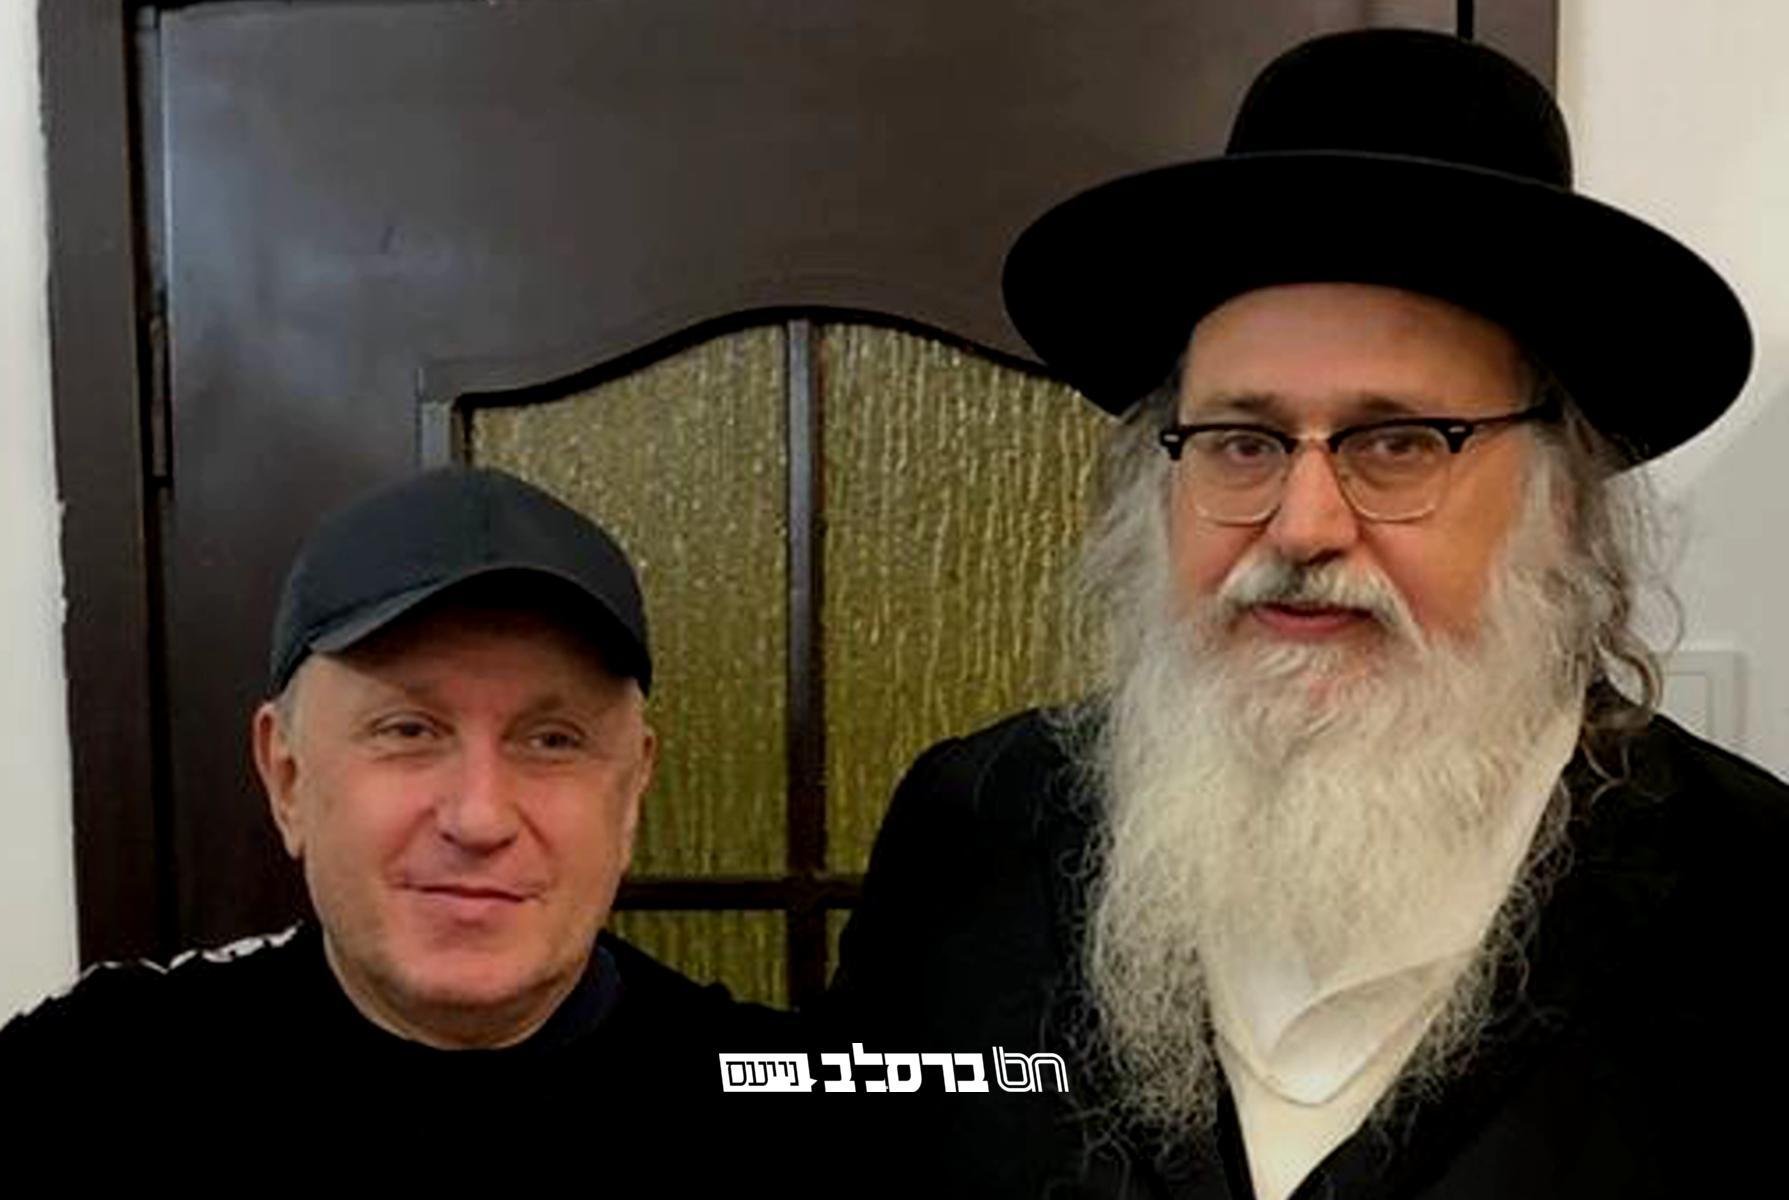 אומן • ארגון 'זכויות האדם' הלוחם נגד אנטישמיות בפגישה במשרדי איחוד ברסלב באומן